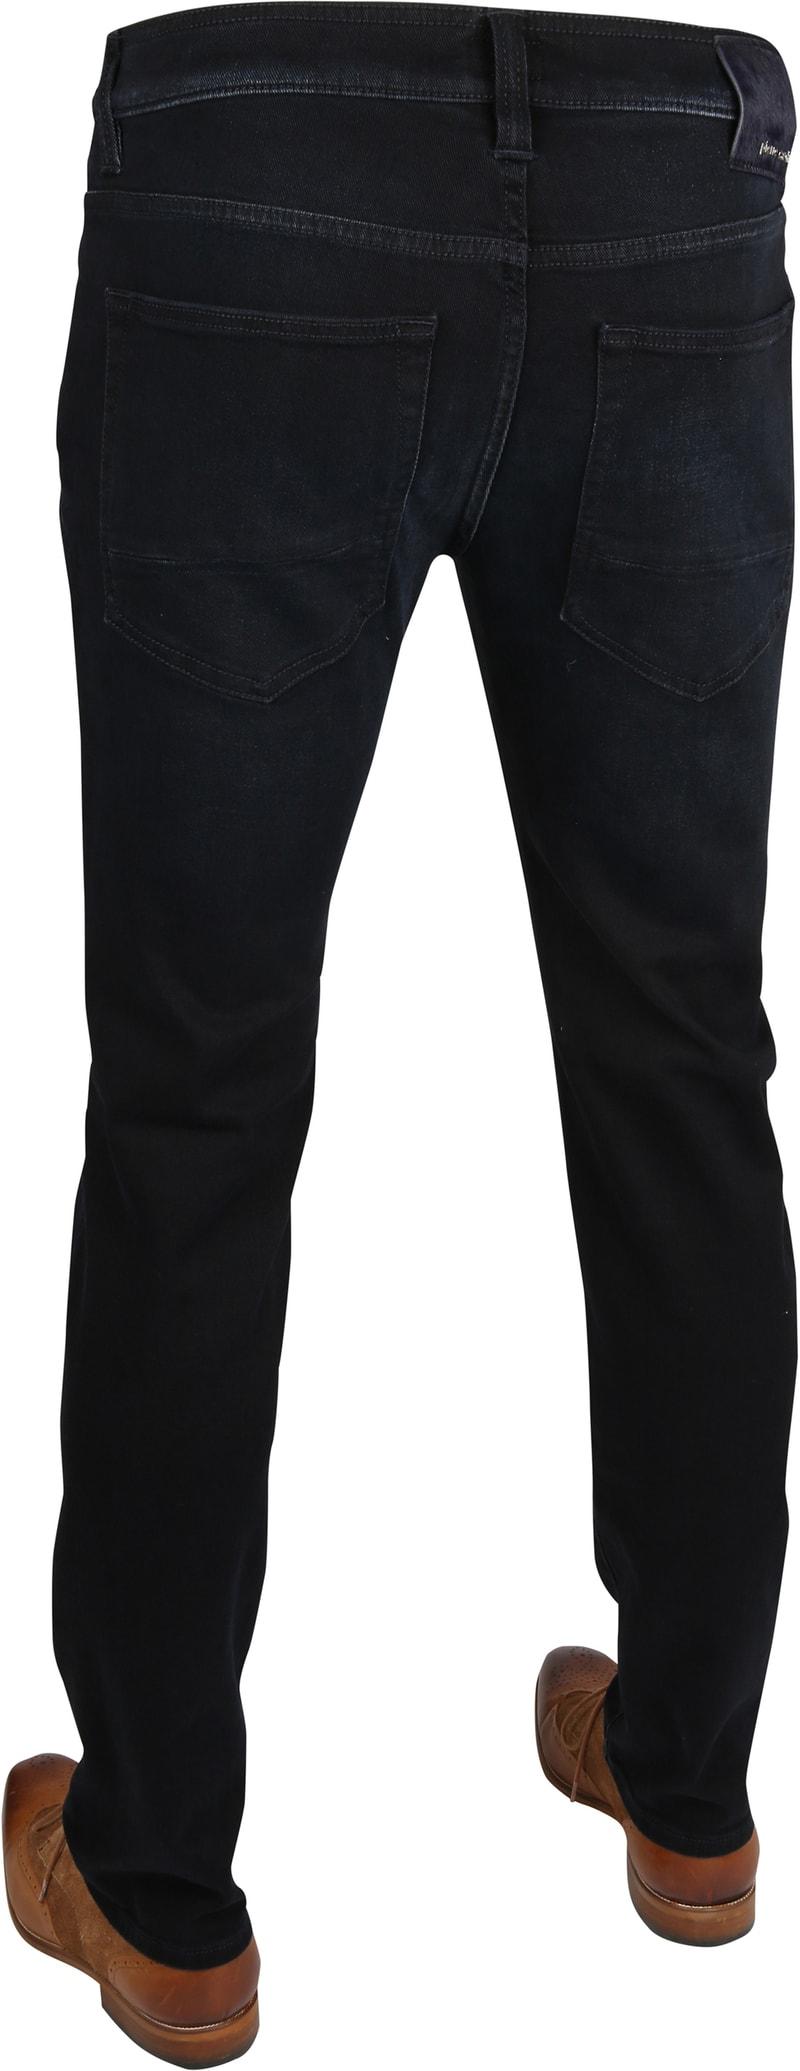 Pierre Cardin Jeans Antibes Navy foto 2